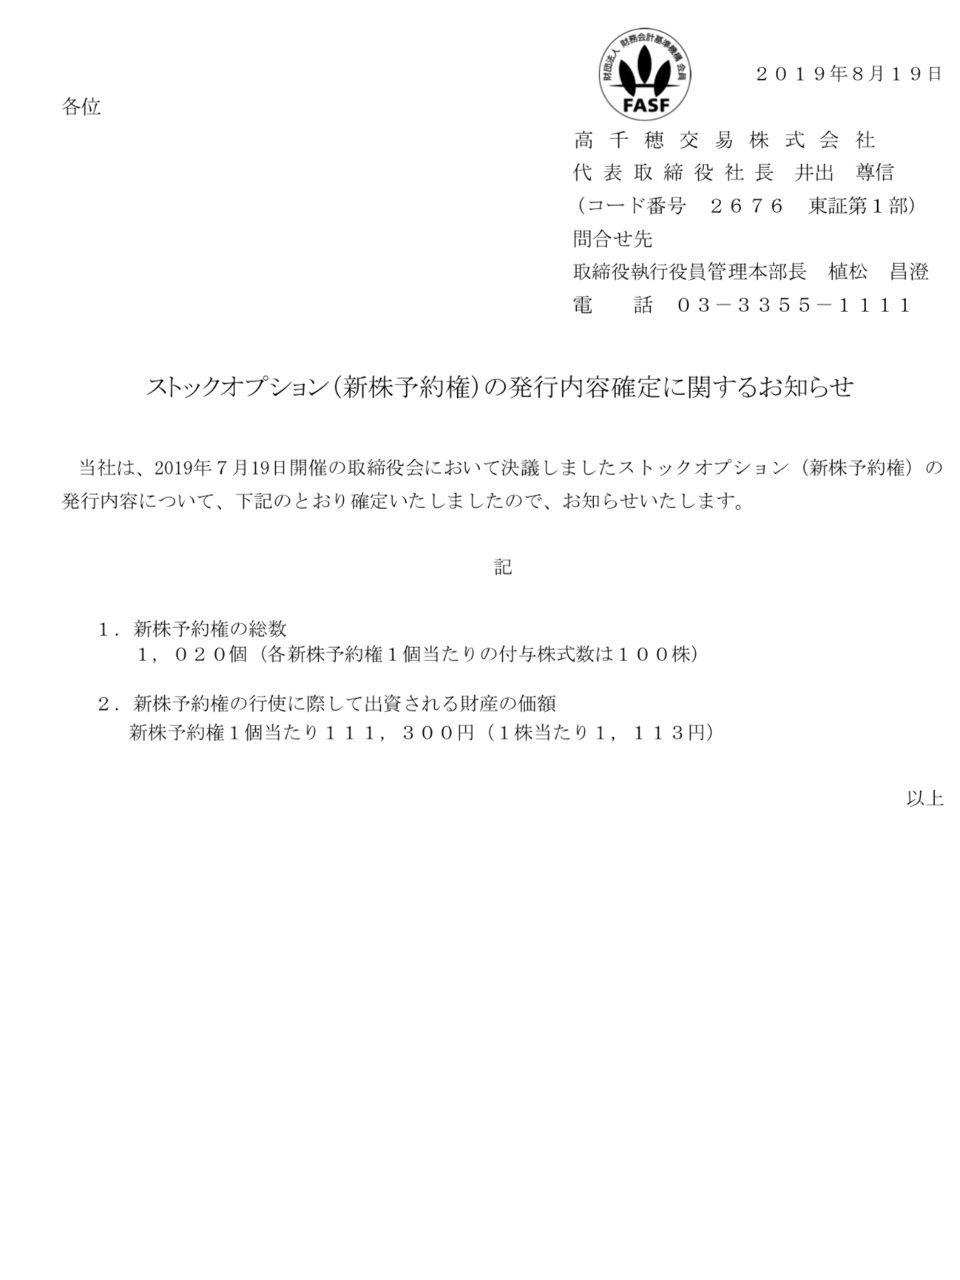 2676 - 高千穂交易(株) 素敵です👏🏻✨